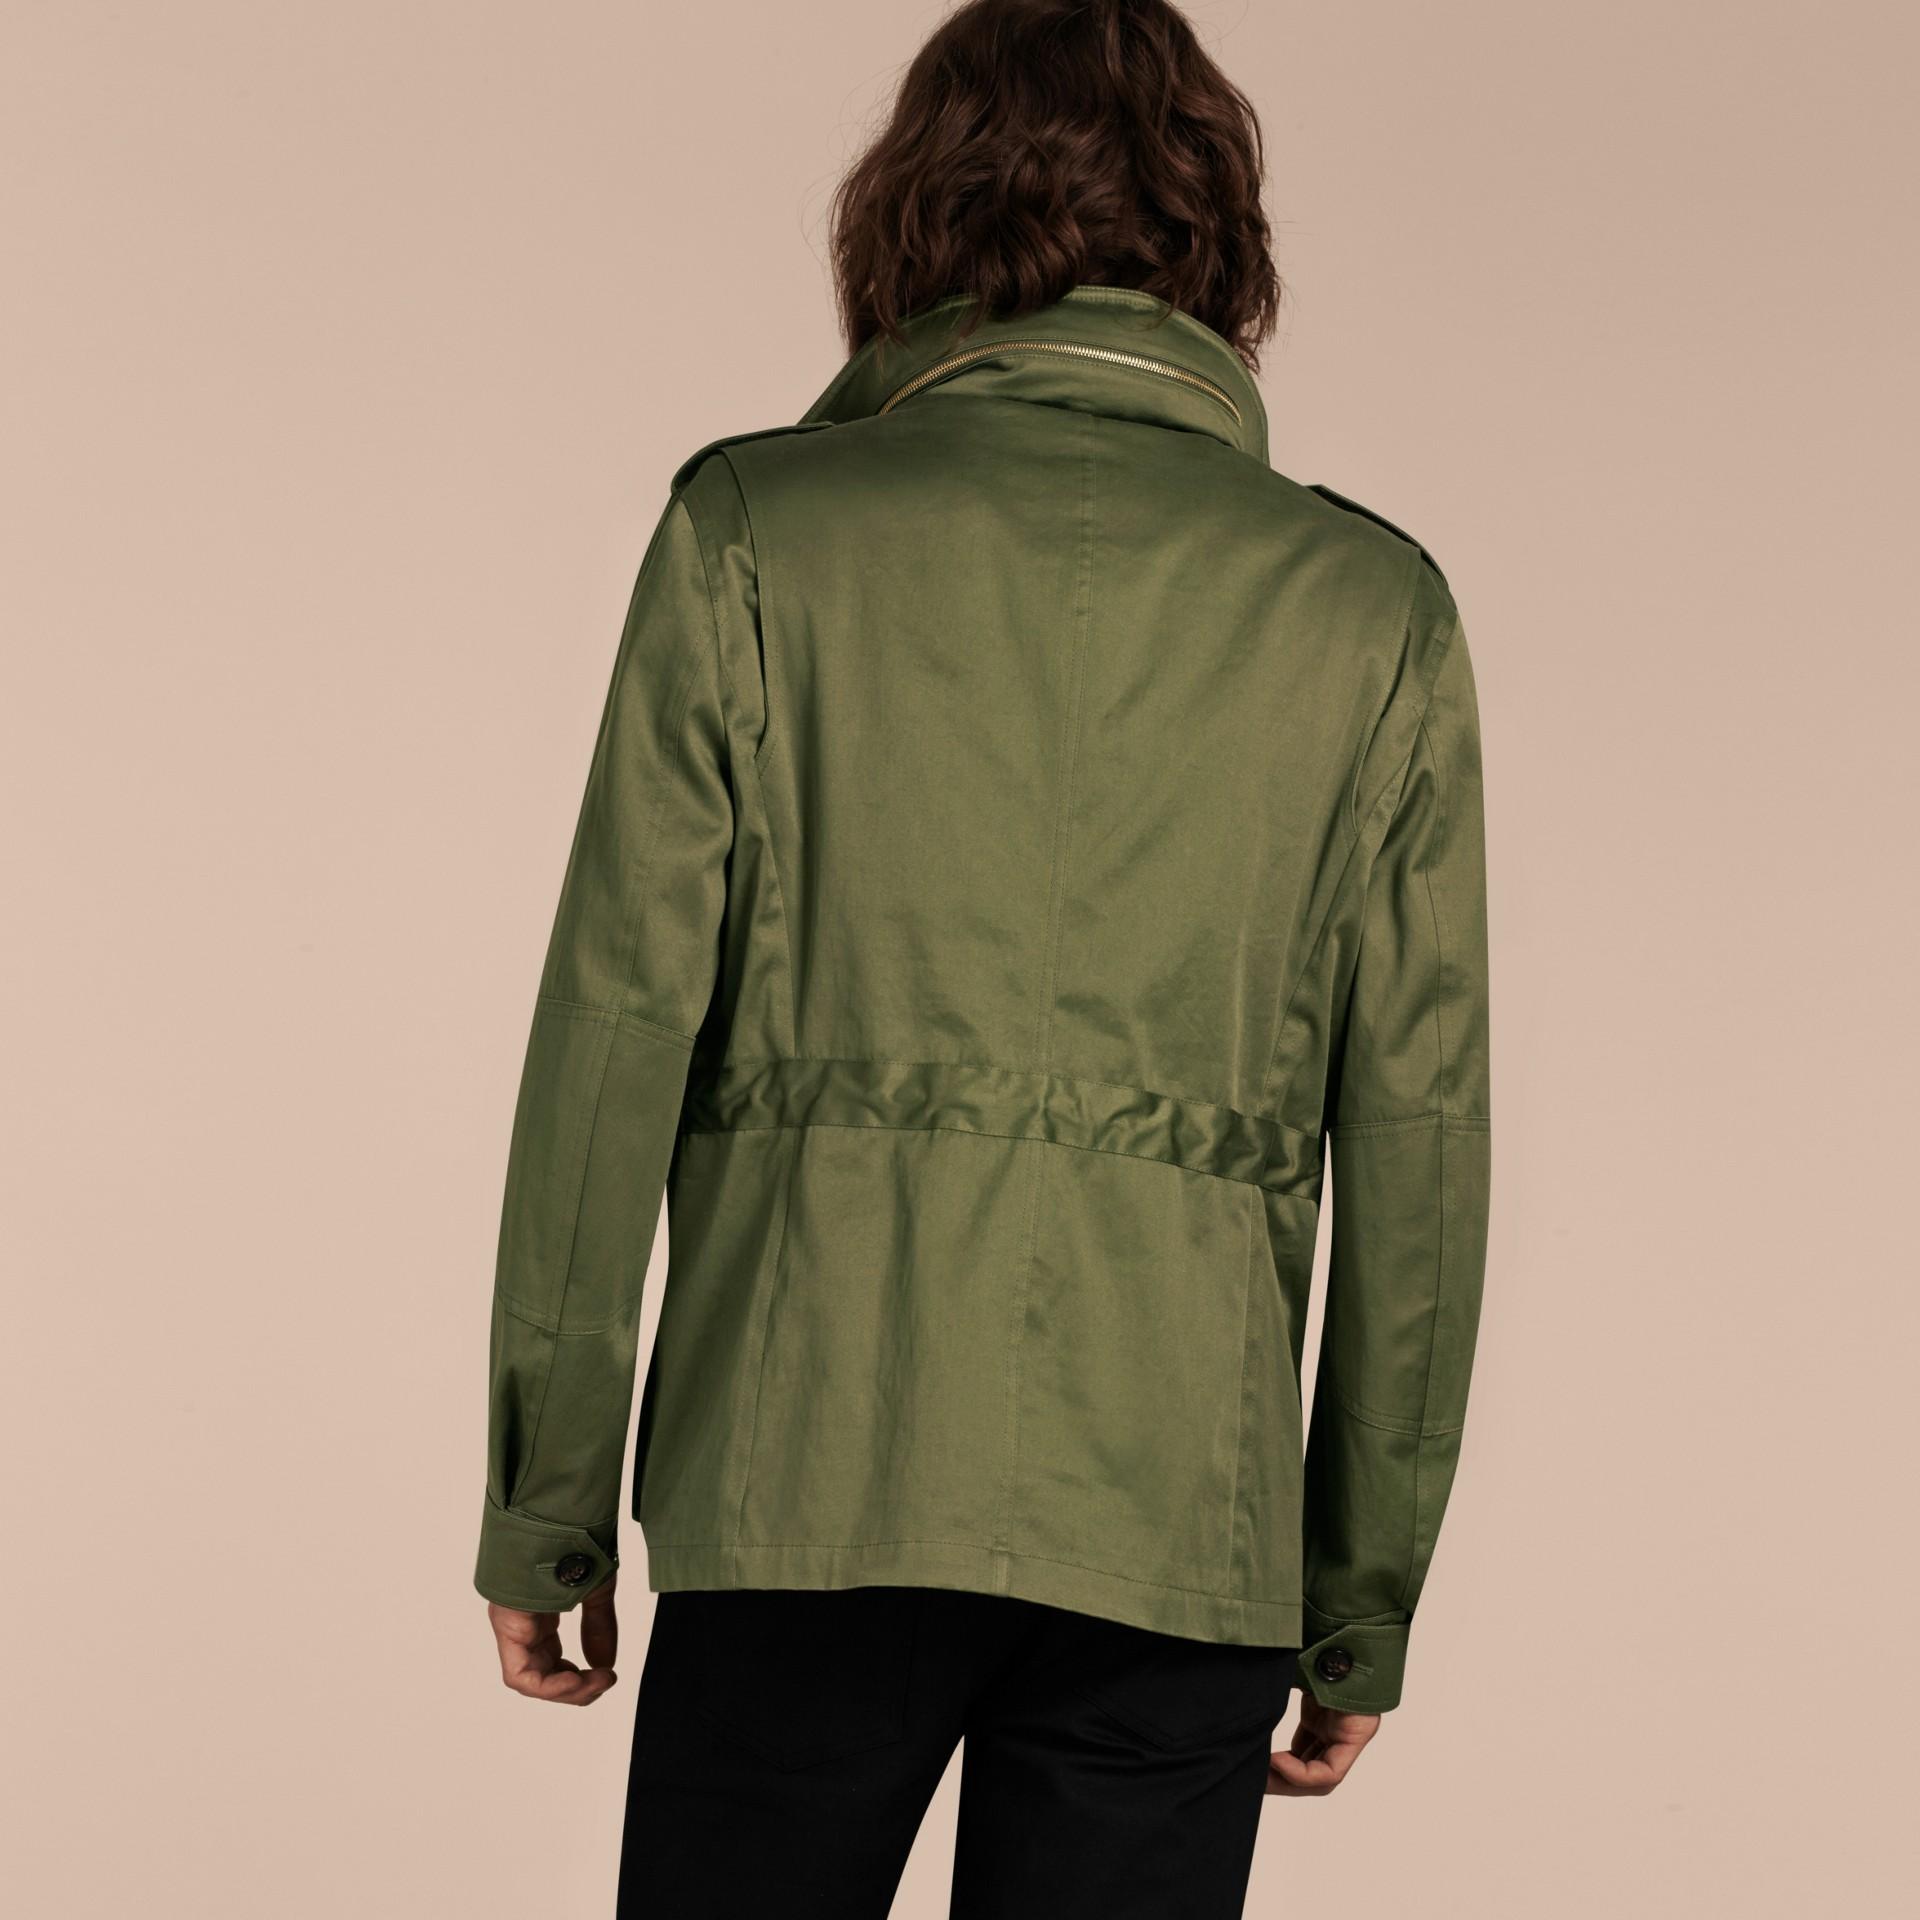 Olive Veste utilitaire en coton à capuche - photo de la galerie 3